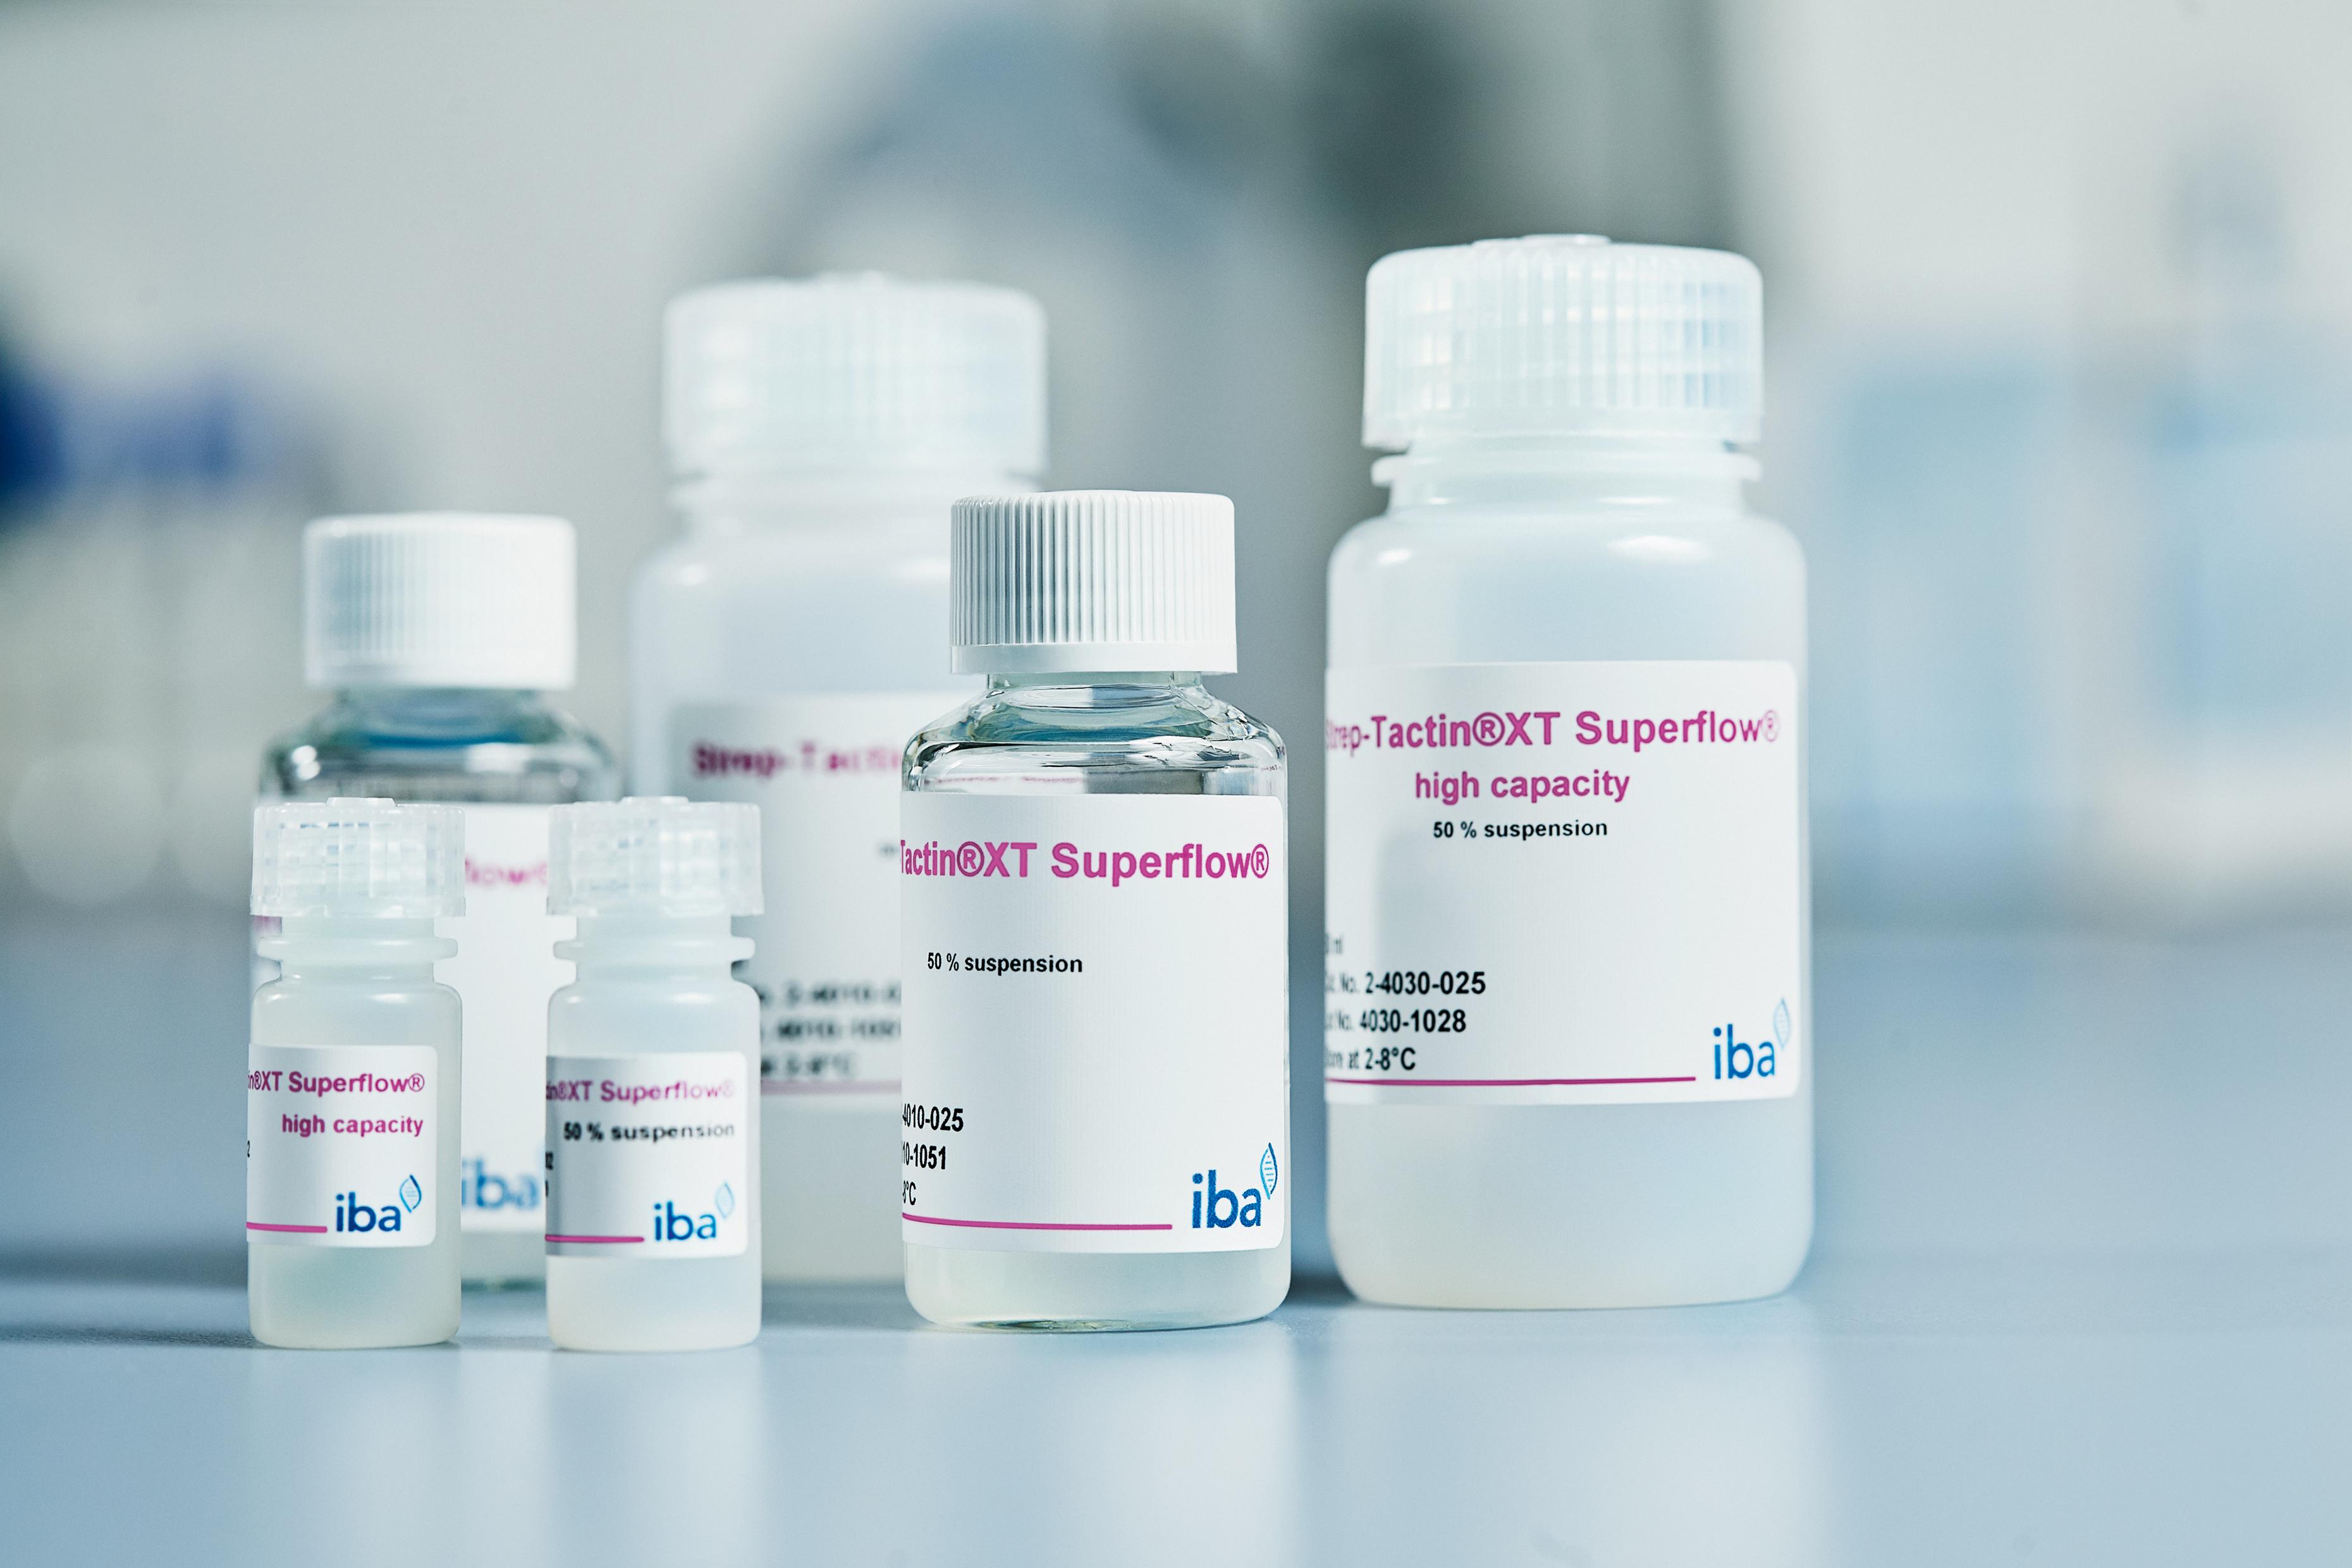 第三代Strep-tag®纯化系统 : Strep-Tactin®XT与Twin-Strep-tag®